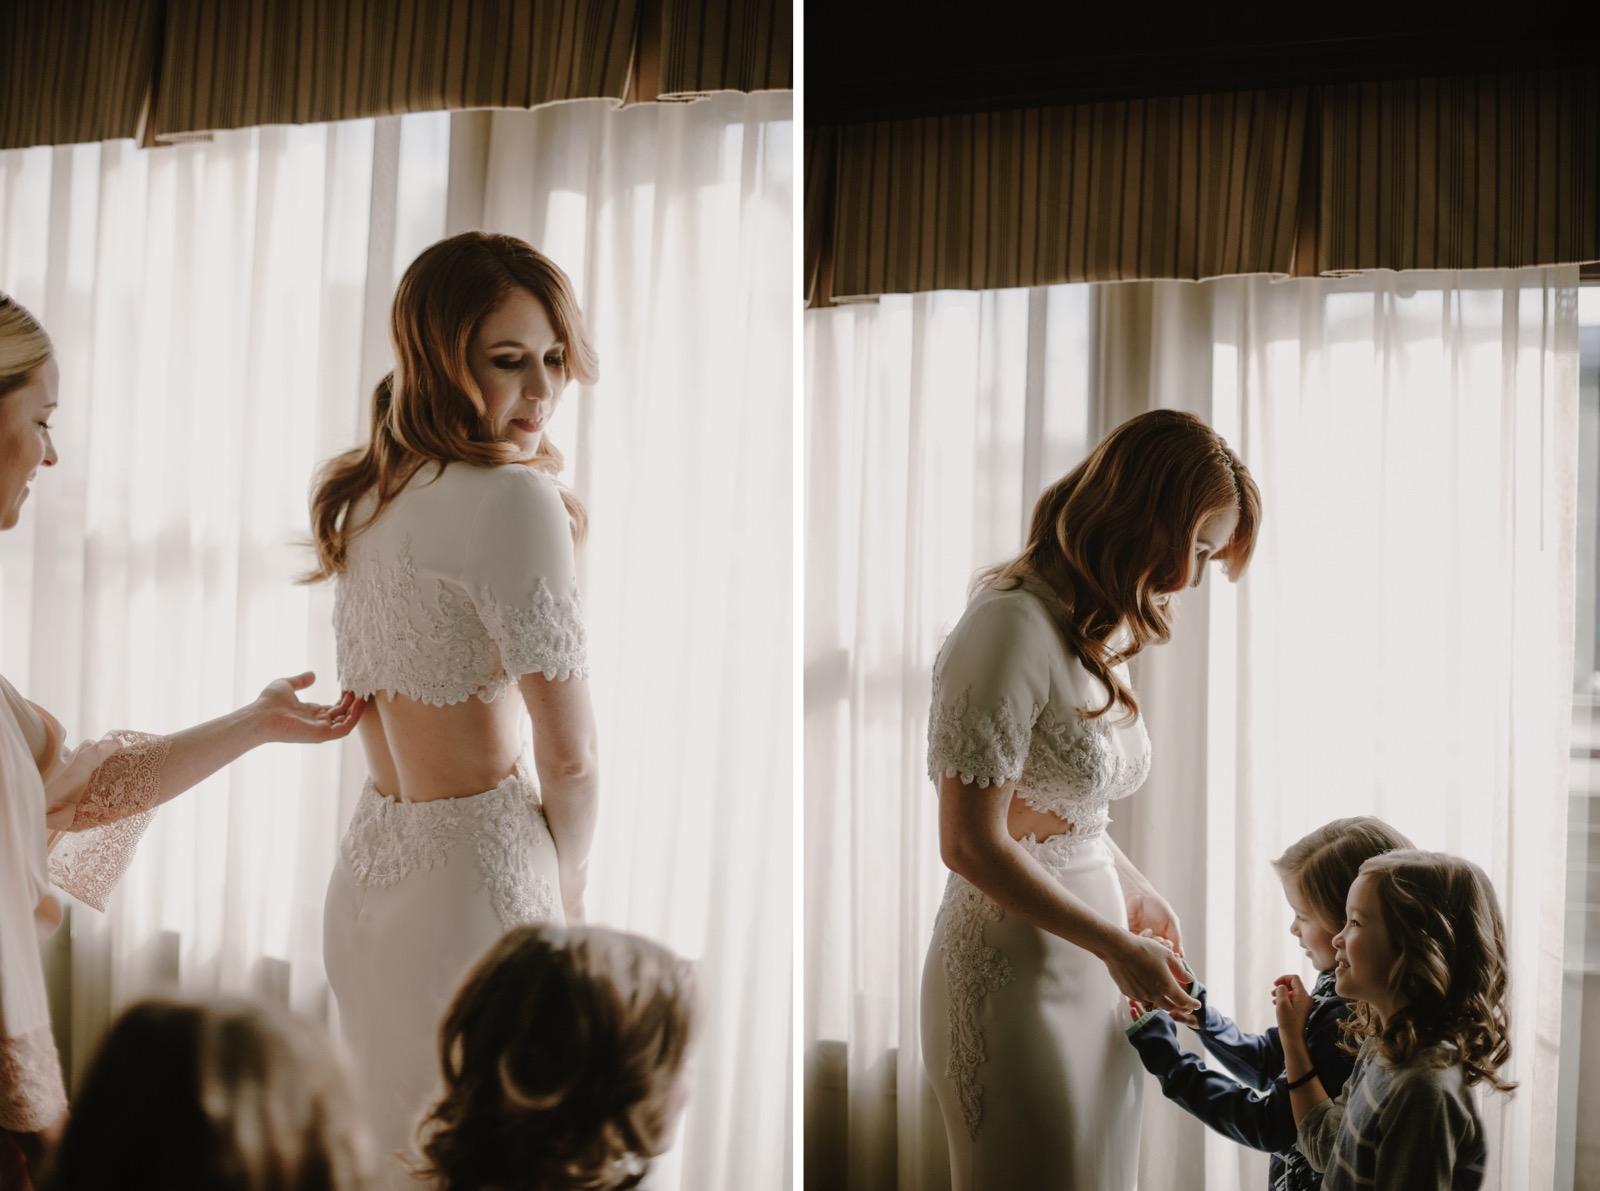 032_Arctic_Club_Wedding_Seattle_058_Arctic_Club_Wedding_Seattle_059.jpg